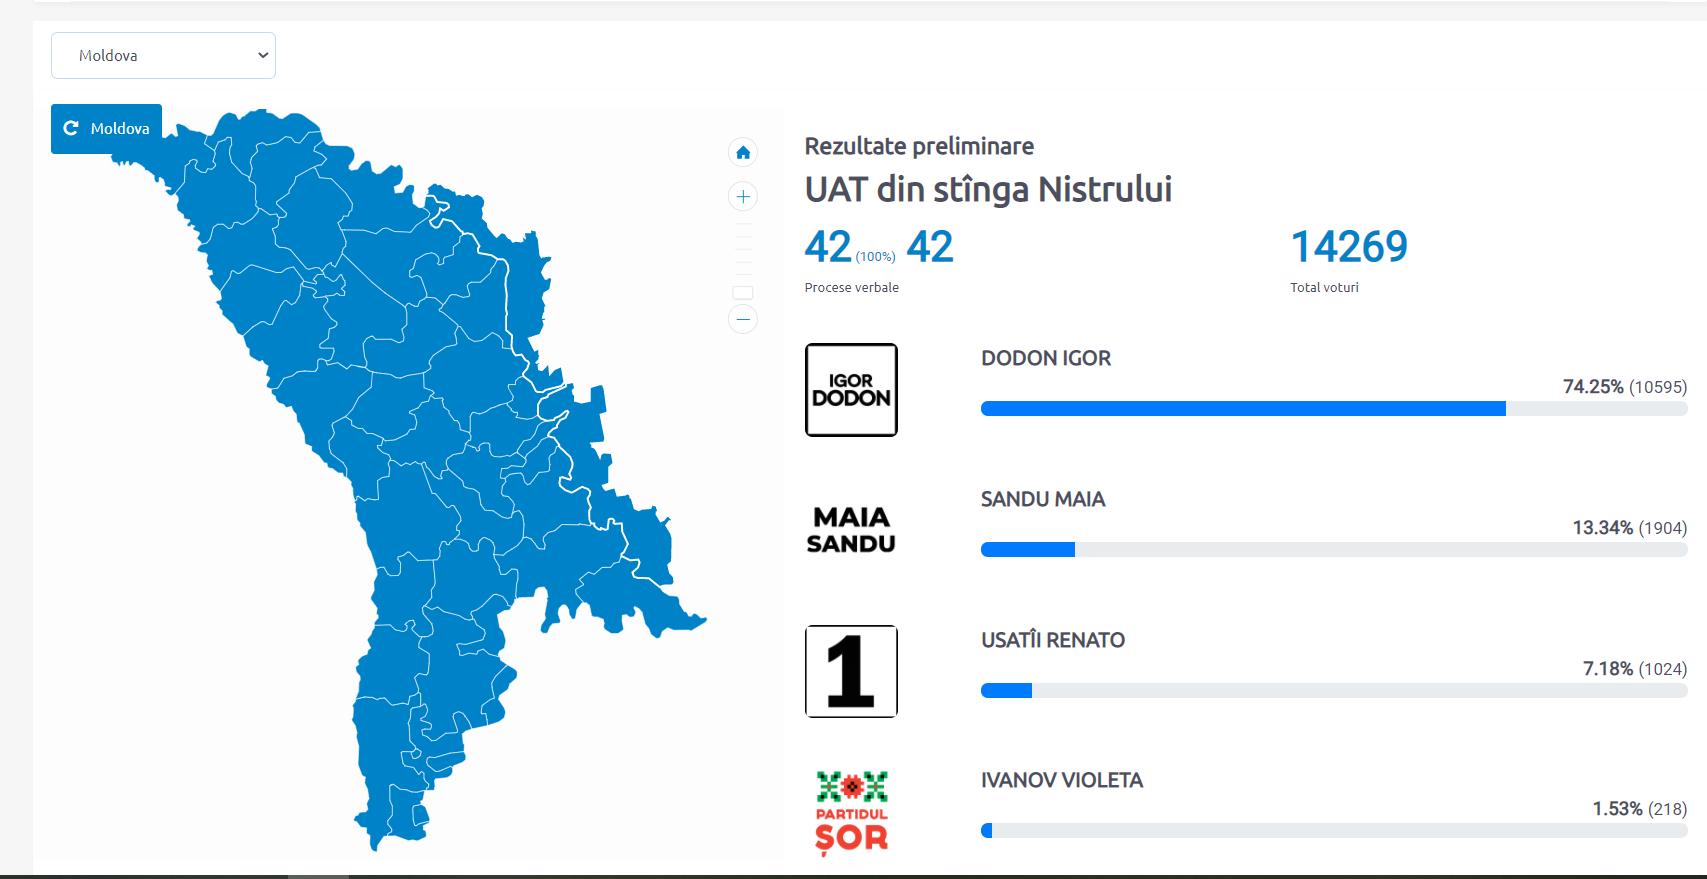 Явка избирателей изПриднестровья вовтором туре выборов превысила явку впервом туре